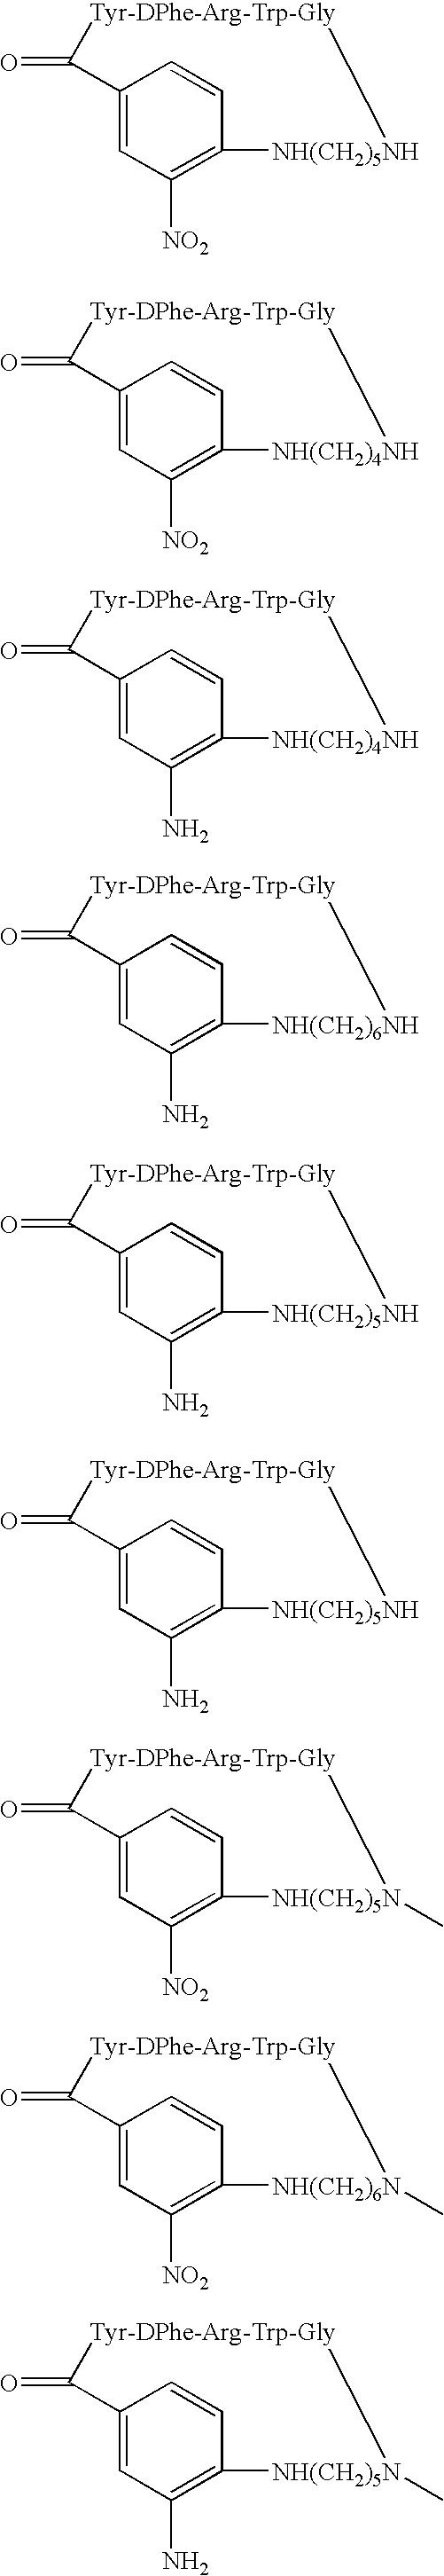 Figure US06951916-20051004-C00007